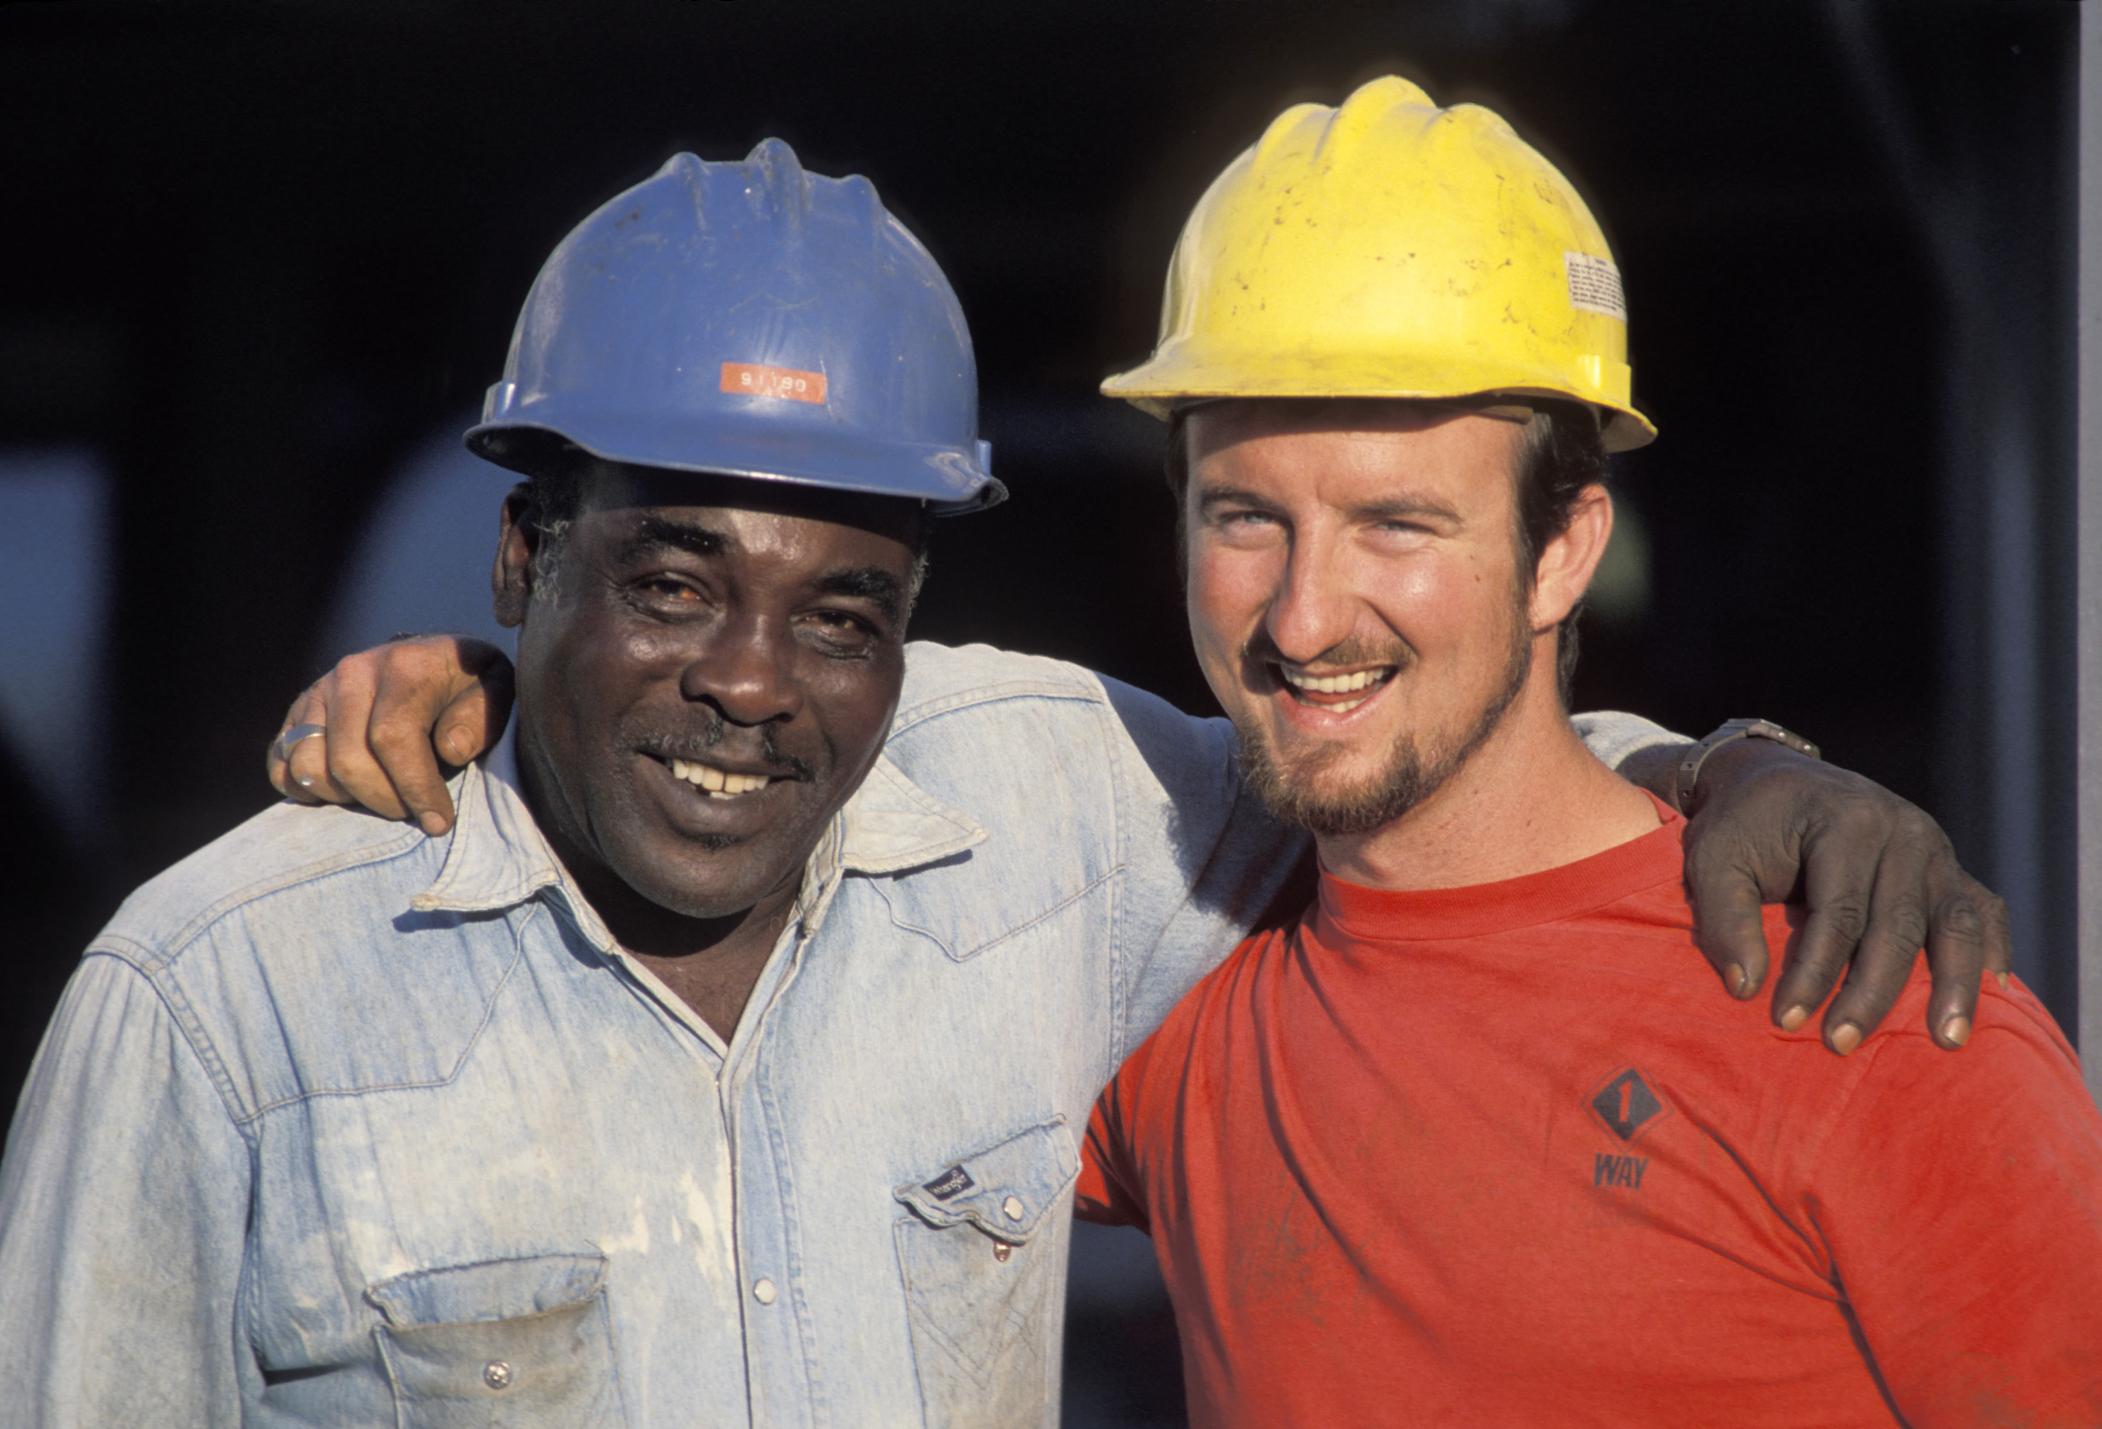 OSHA Rules on Hard Hat Expiration | Bizfluent